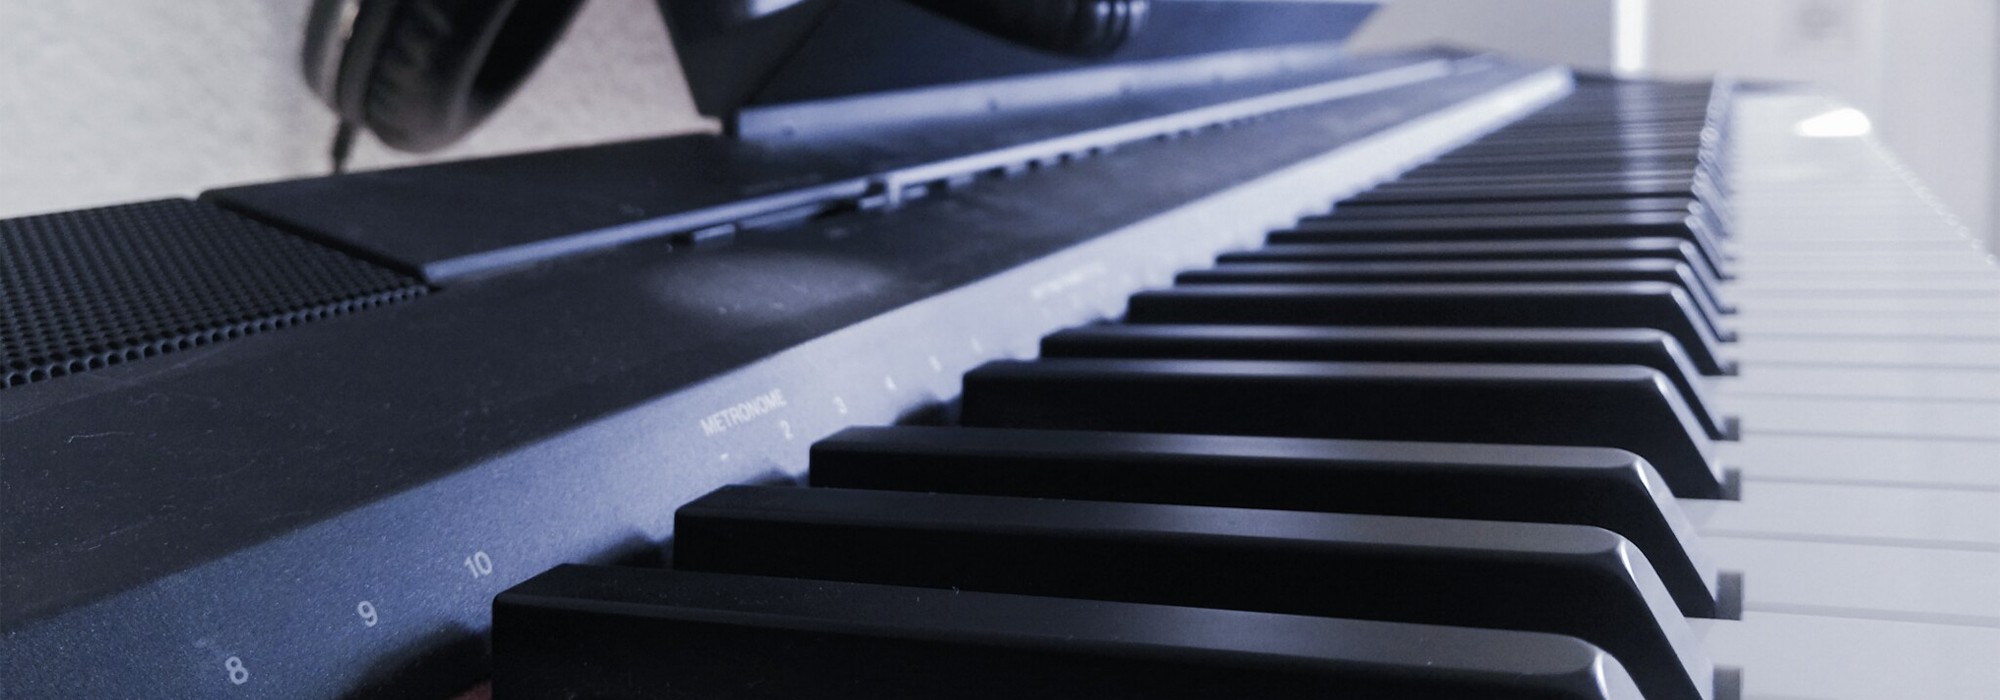 E-Piano